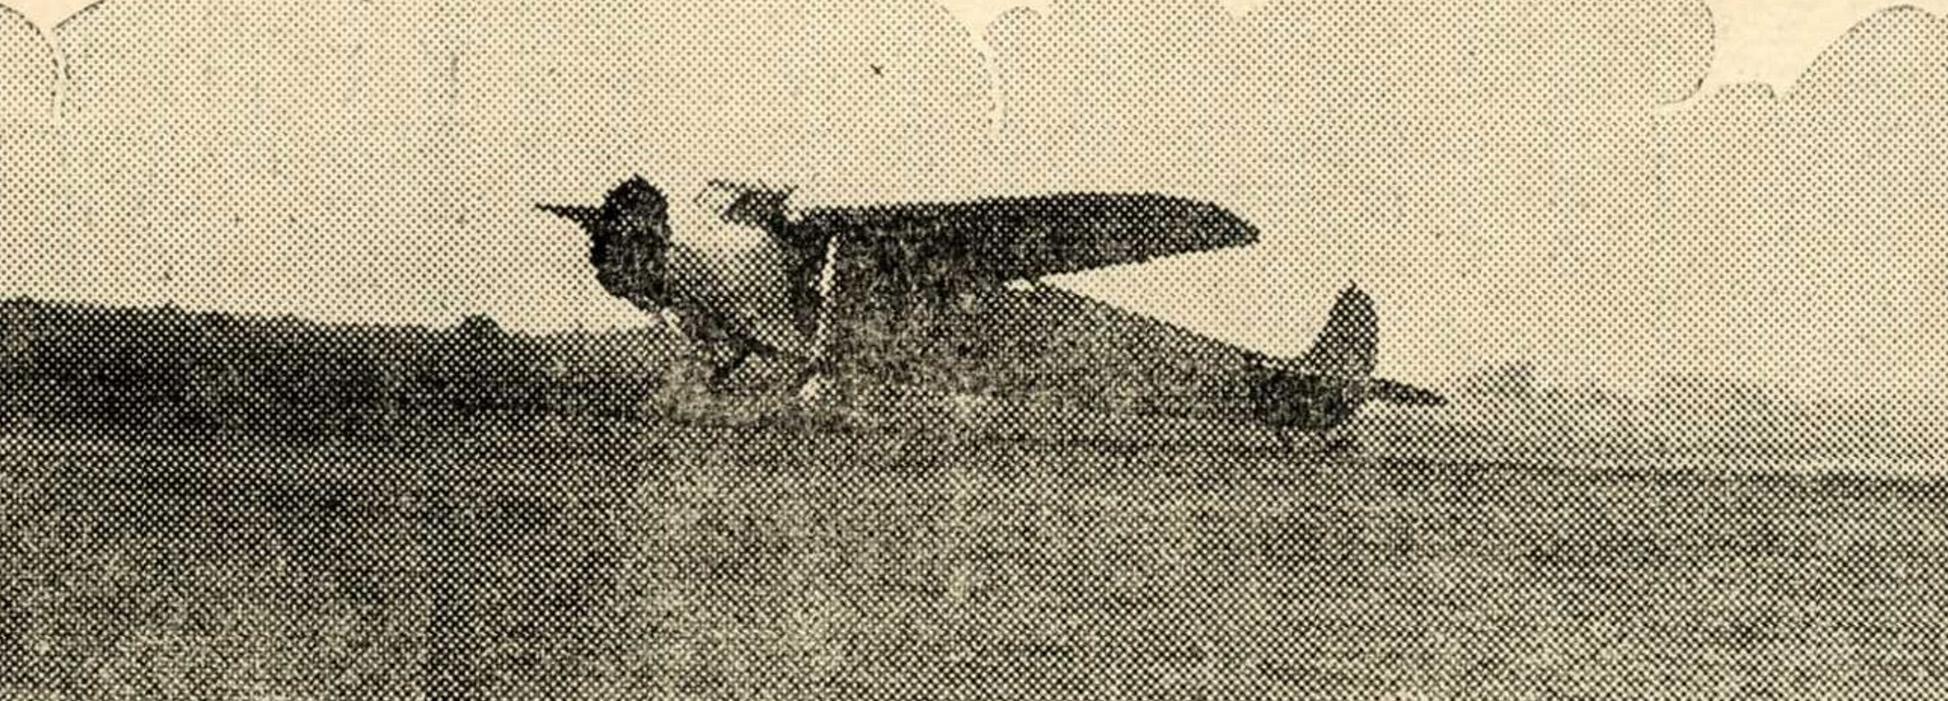 臺南飛行場與當時的飛機。圖│臺灣三成協會編(昭和 12 年 [1937])《まこと》第 277 號,國立臺灣圖書館藏